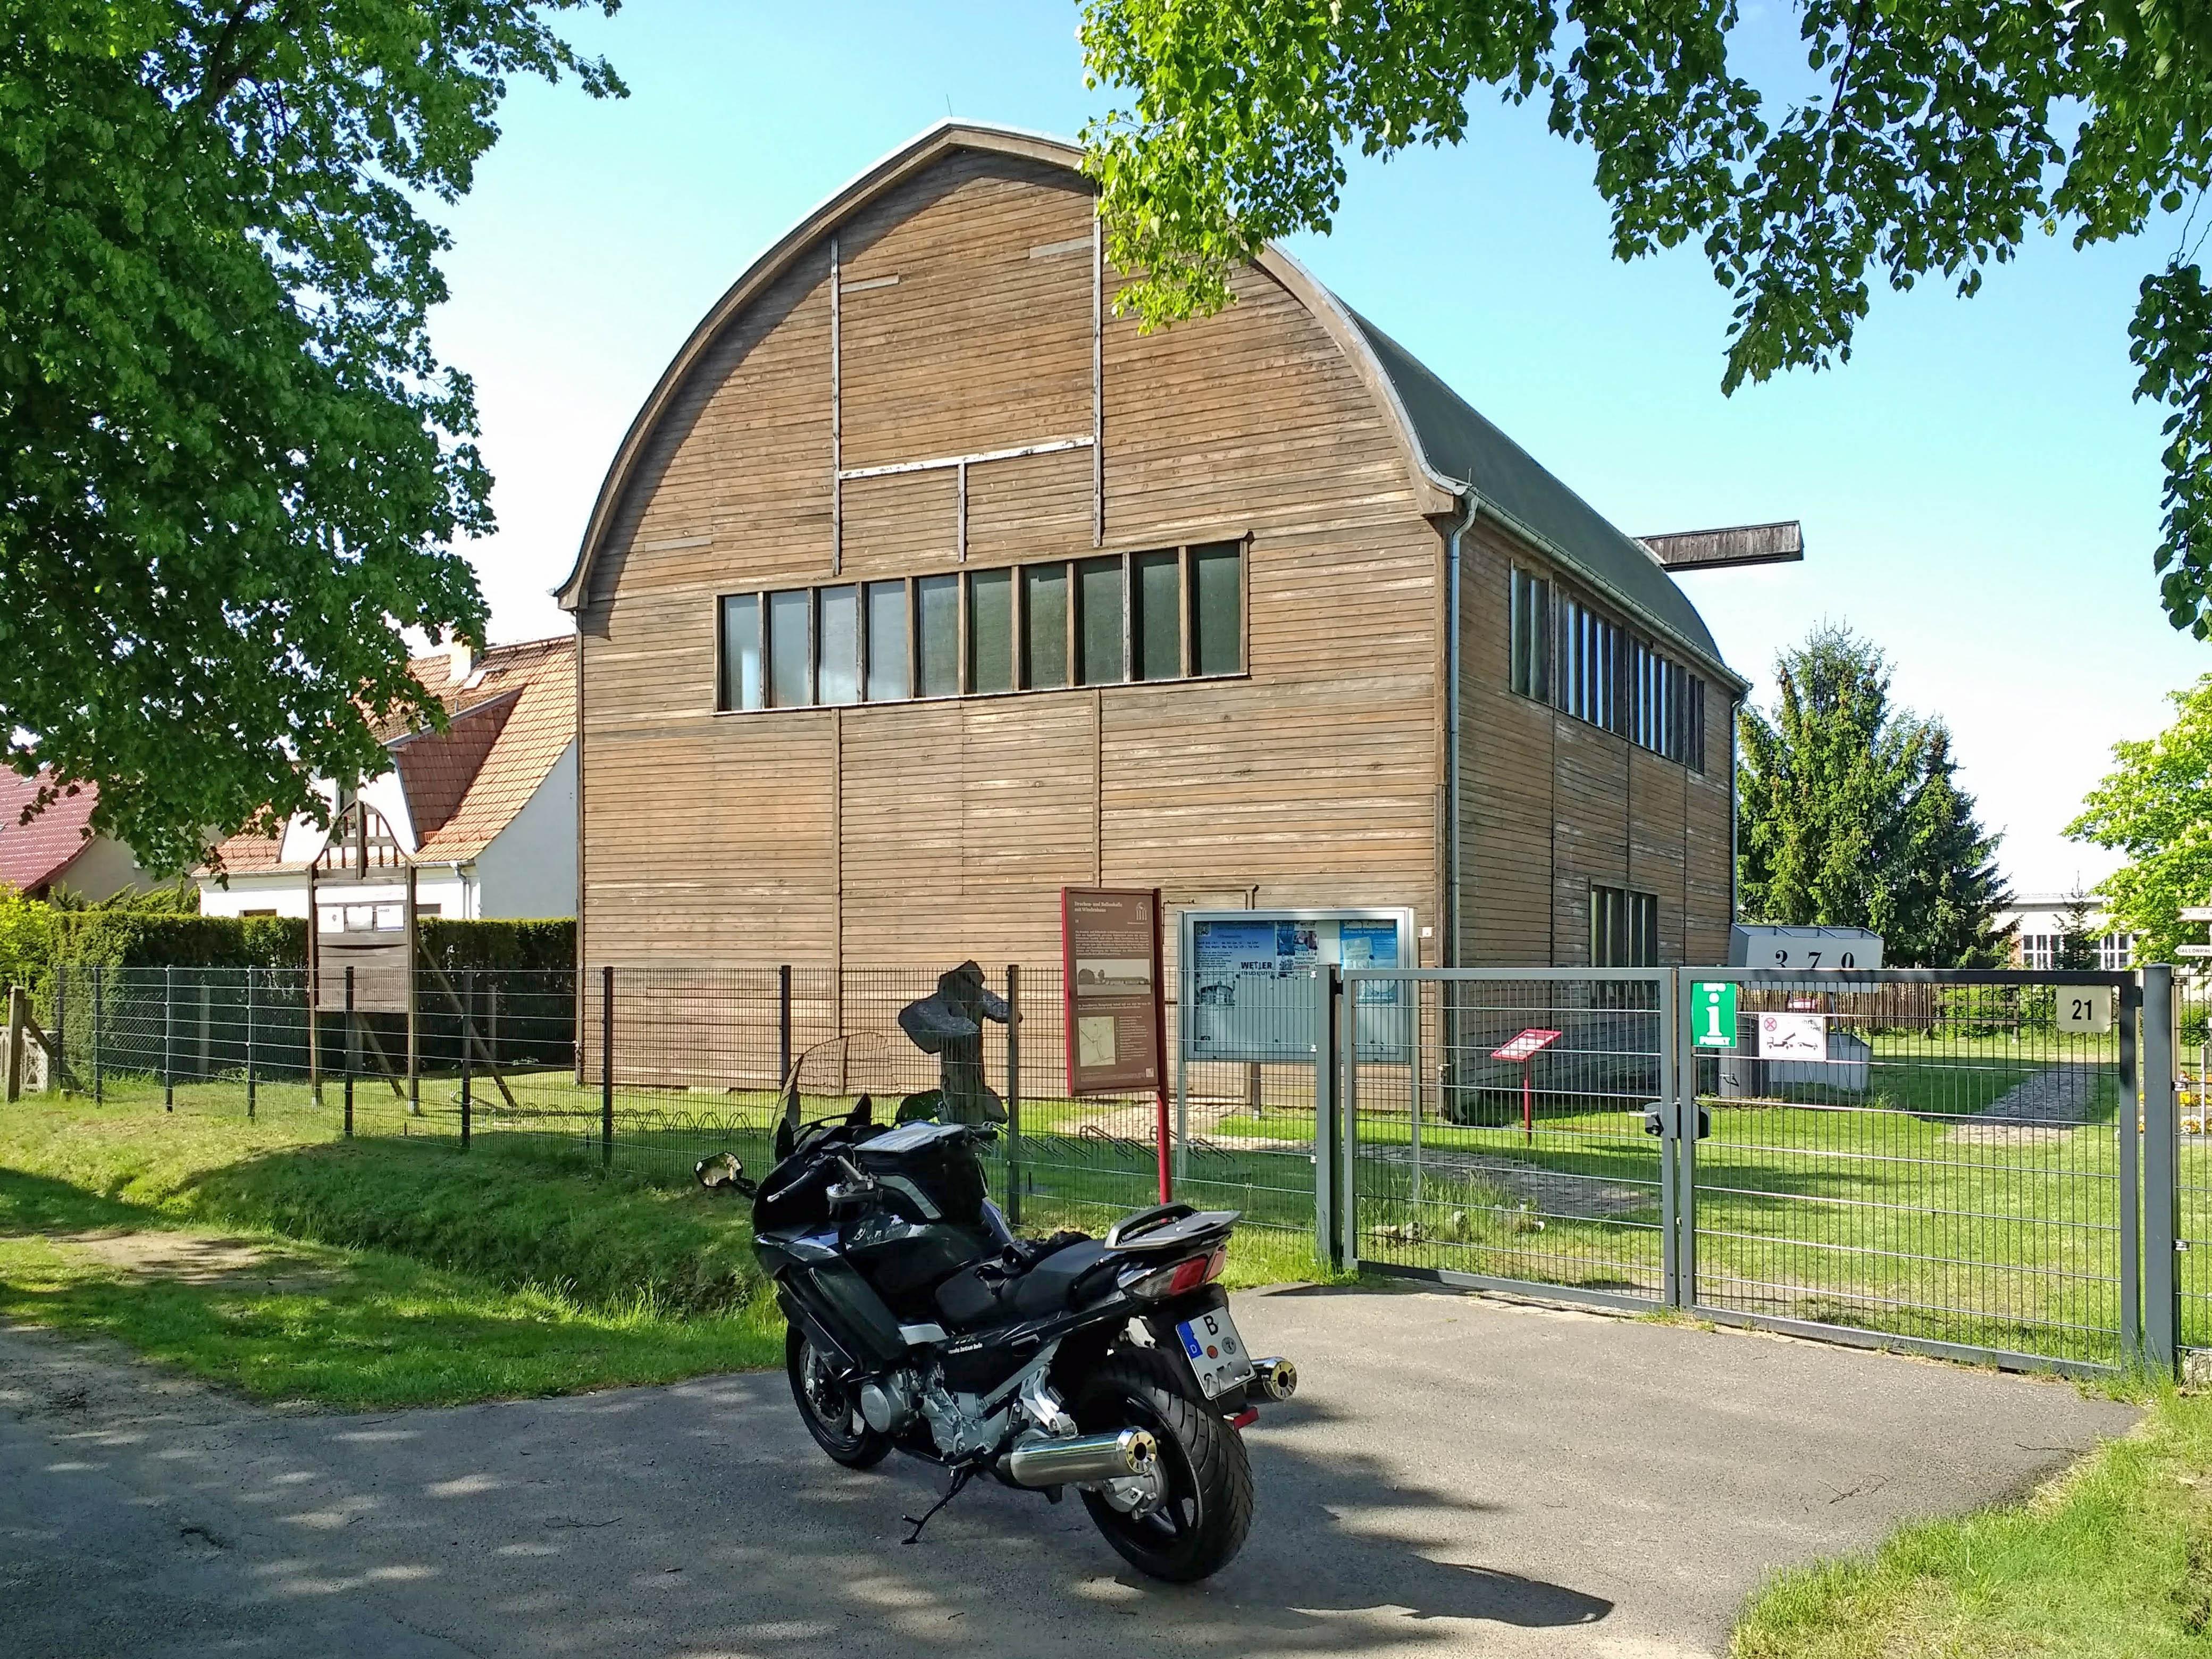 Ballonhalle in Lindenberg südlich von Beeskow in Brandenburg mit einem Motorrad im Vordergrund